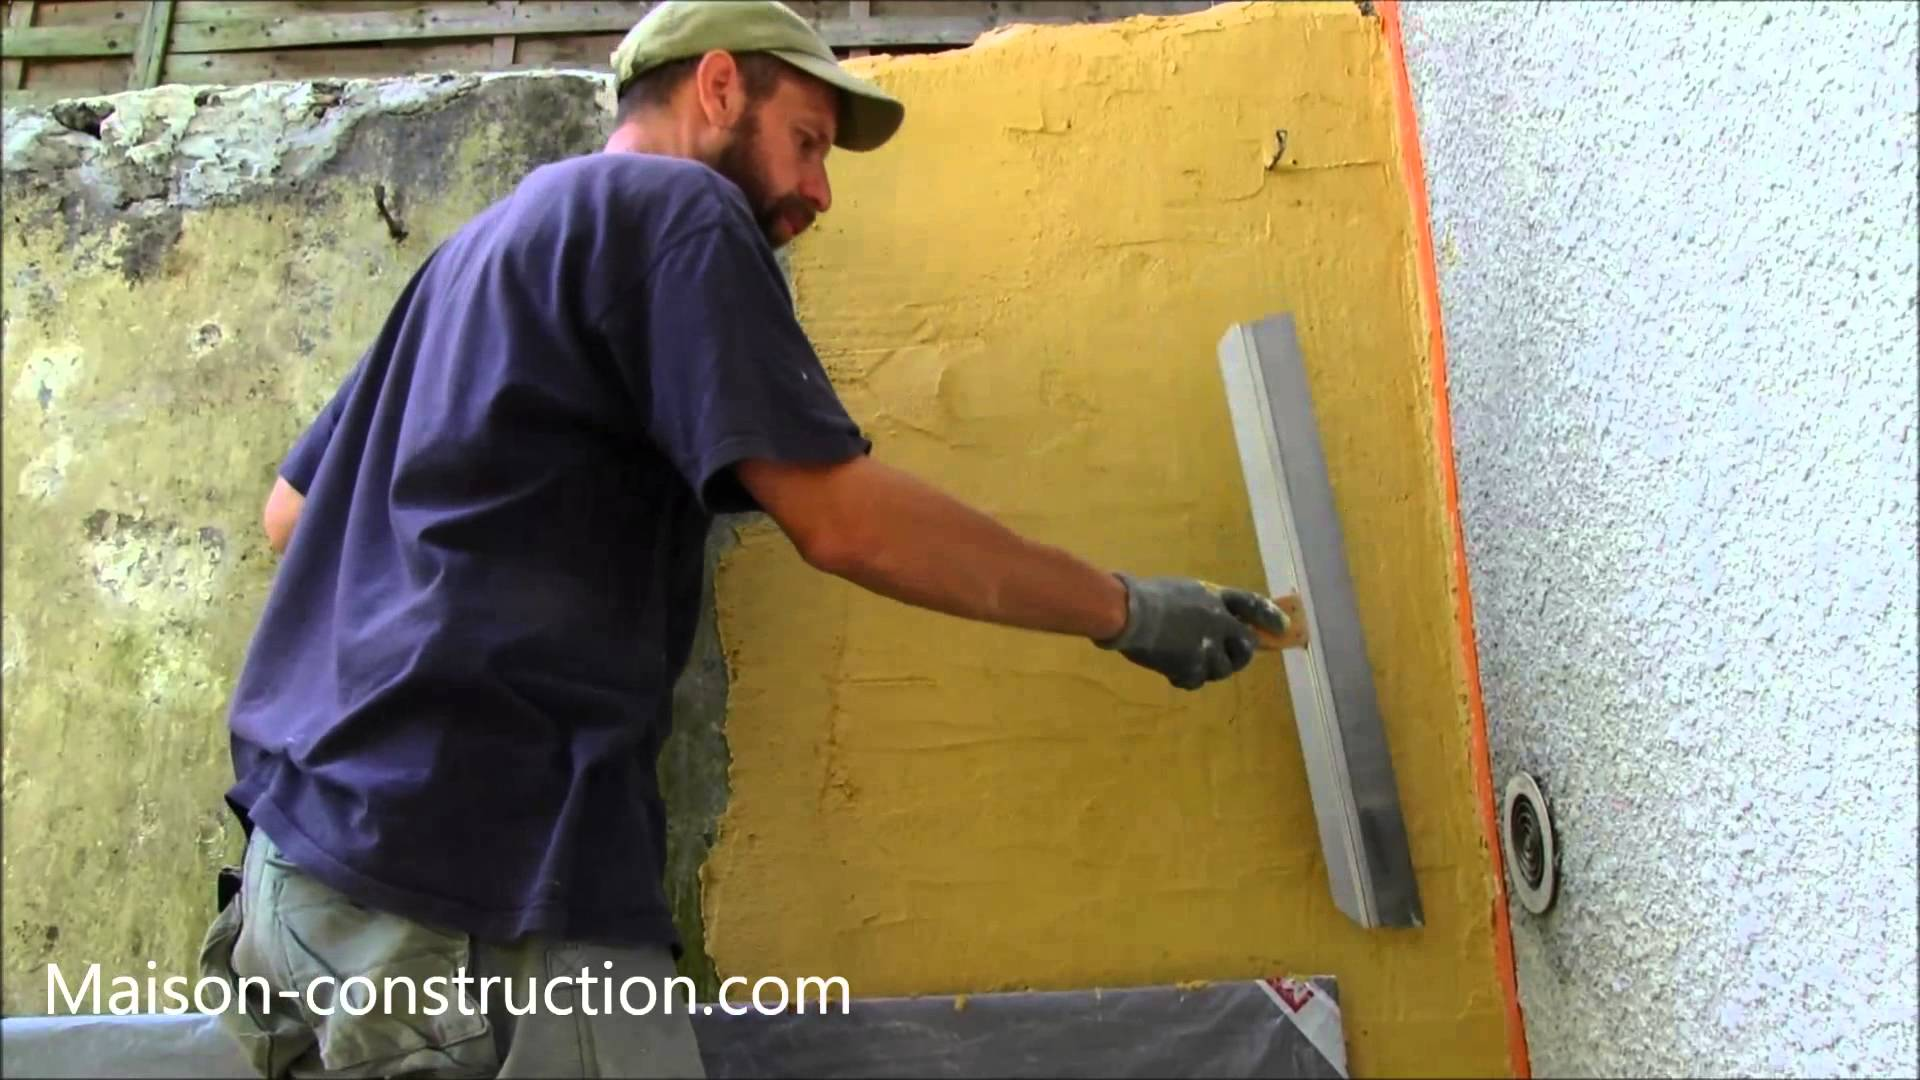 Comment faire un enduit a la chaux for Enduit mur parpaing interieur